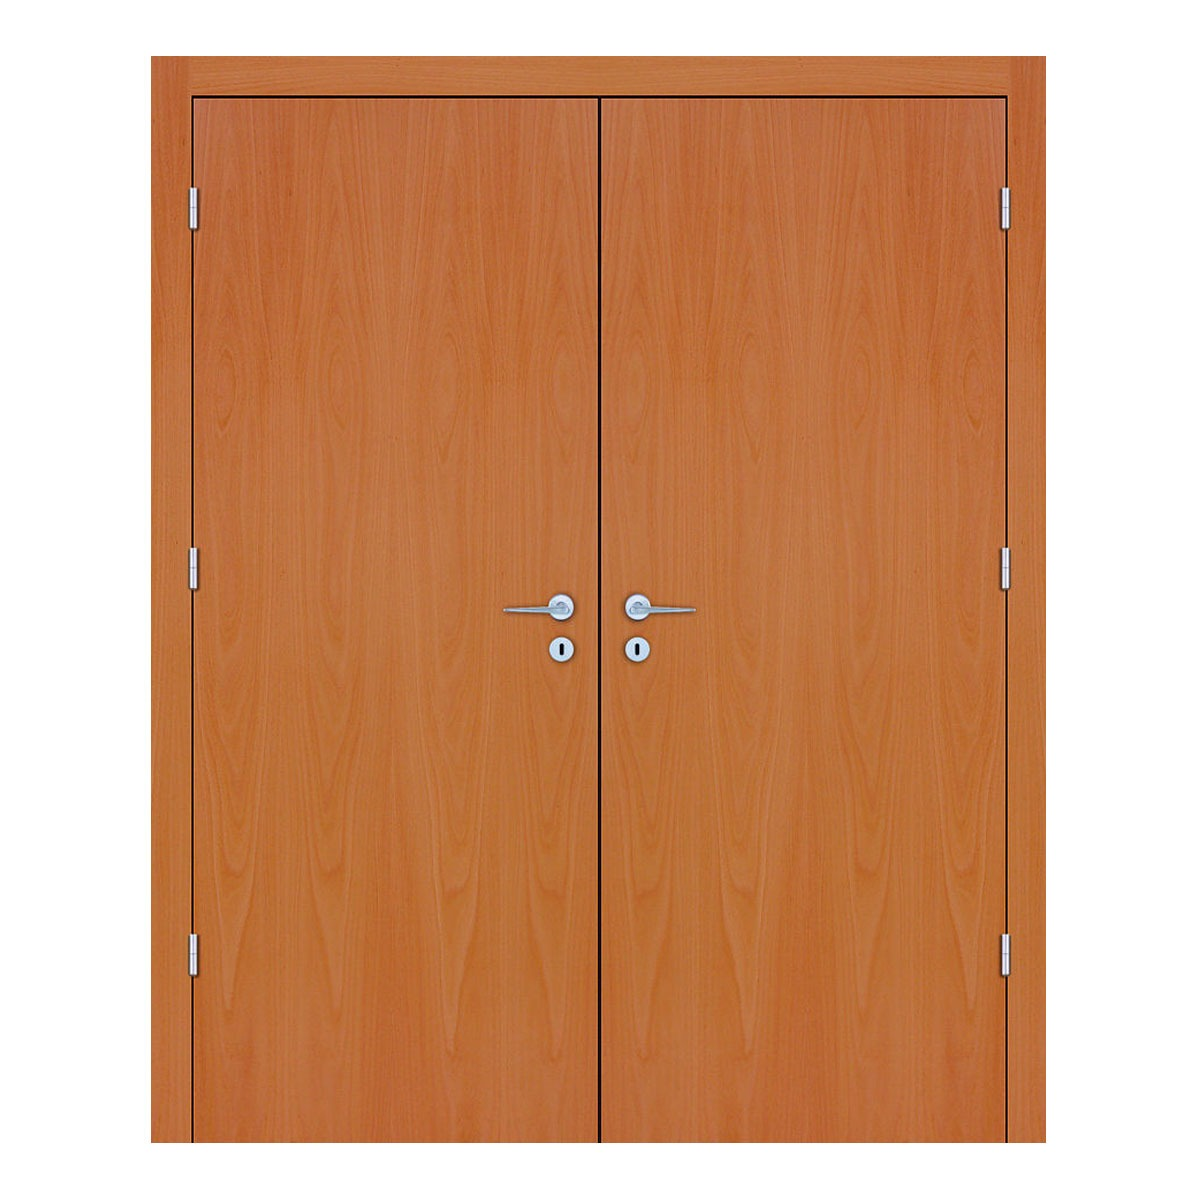 Beech Double Door